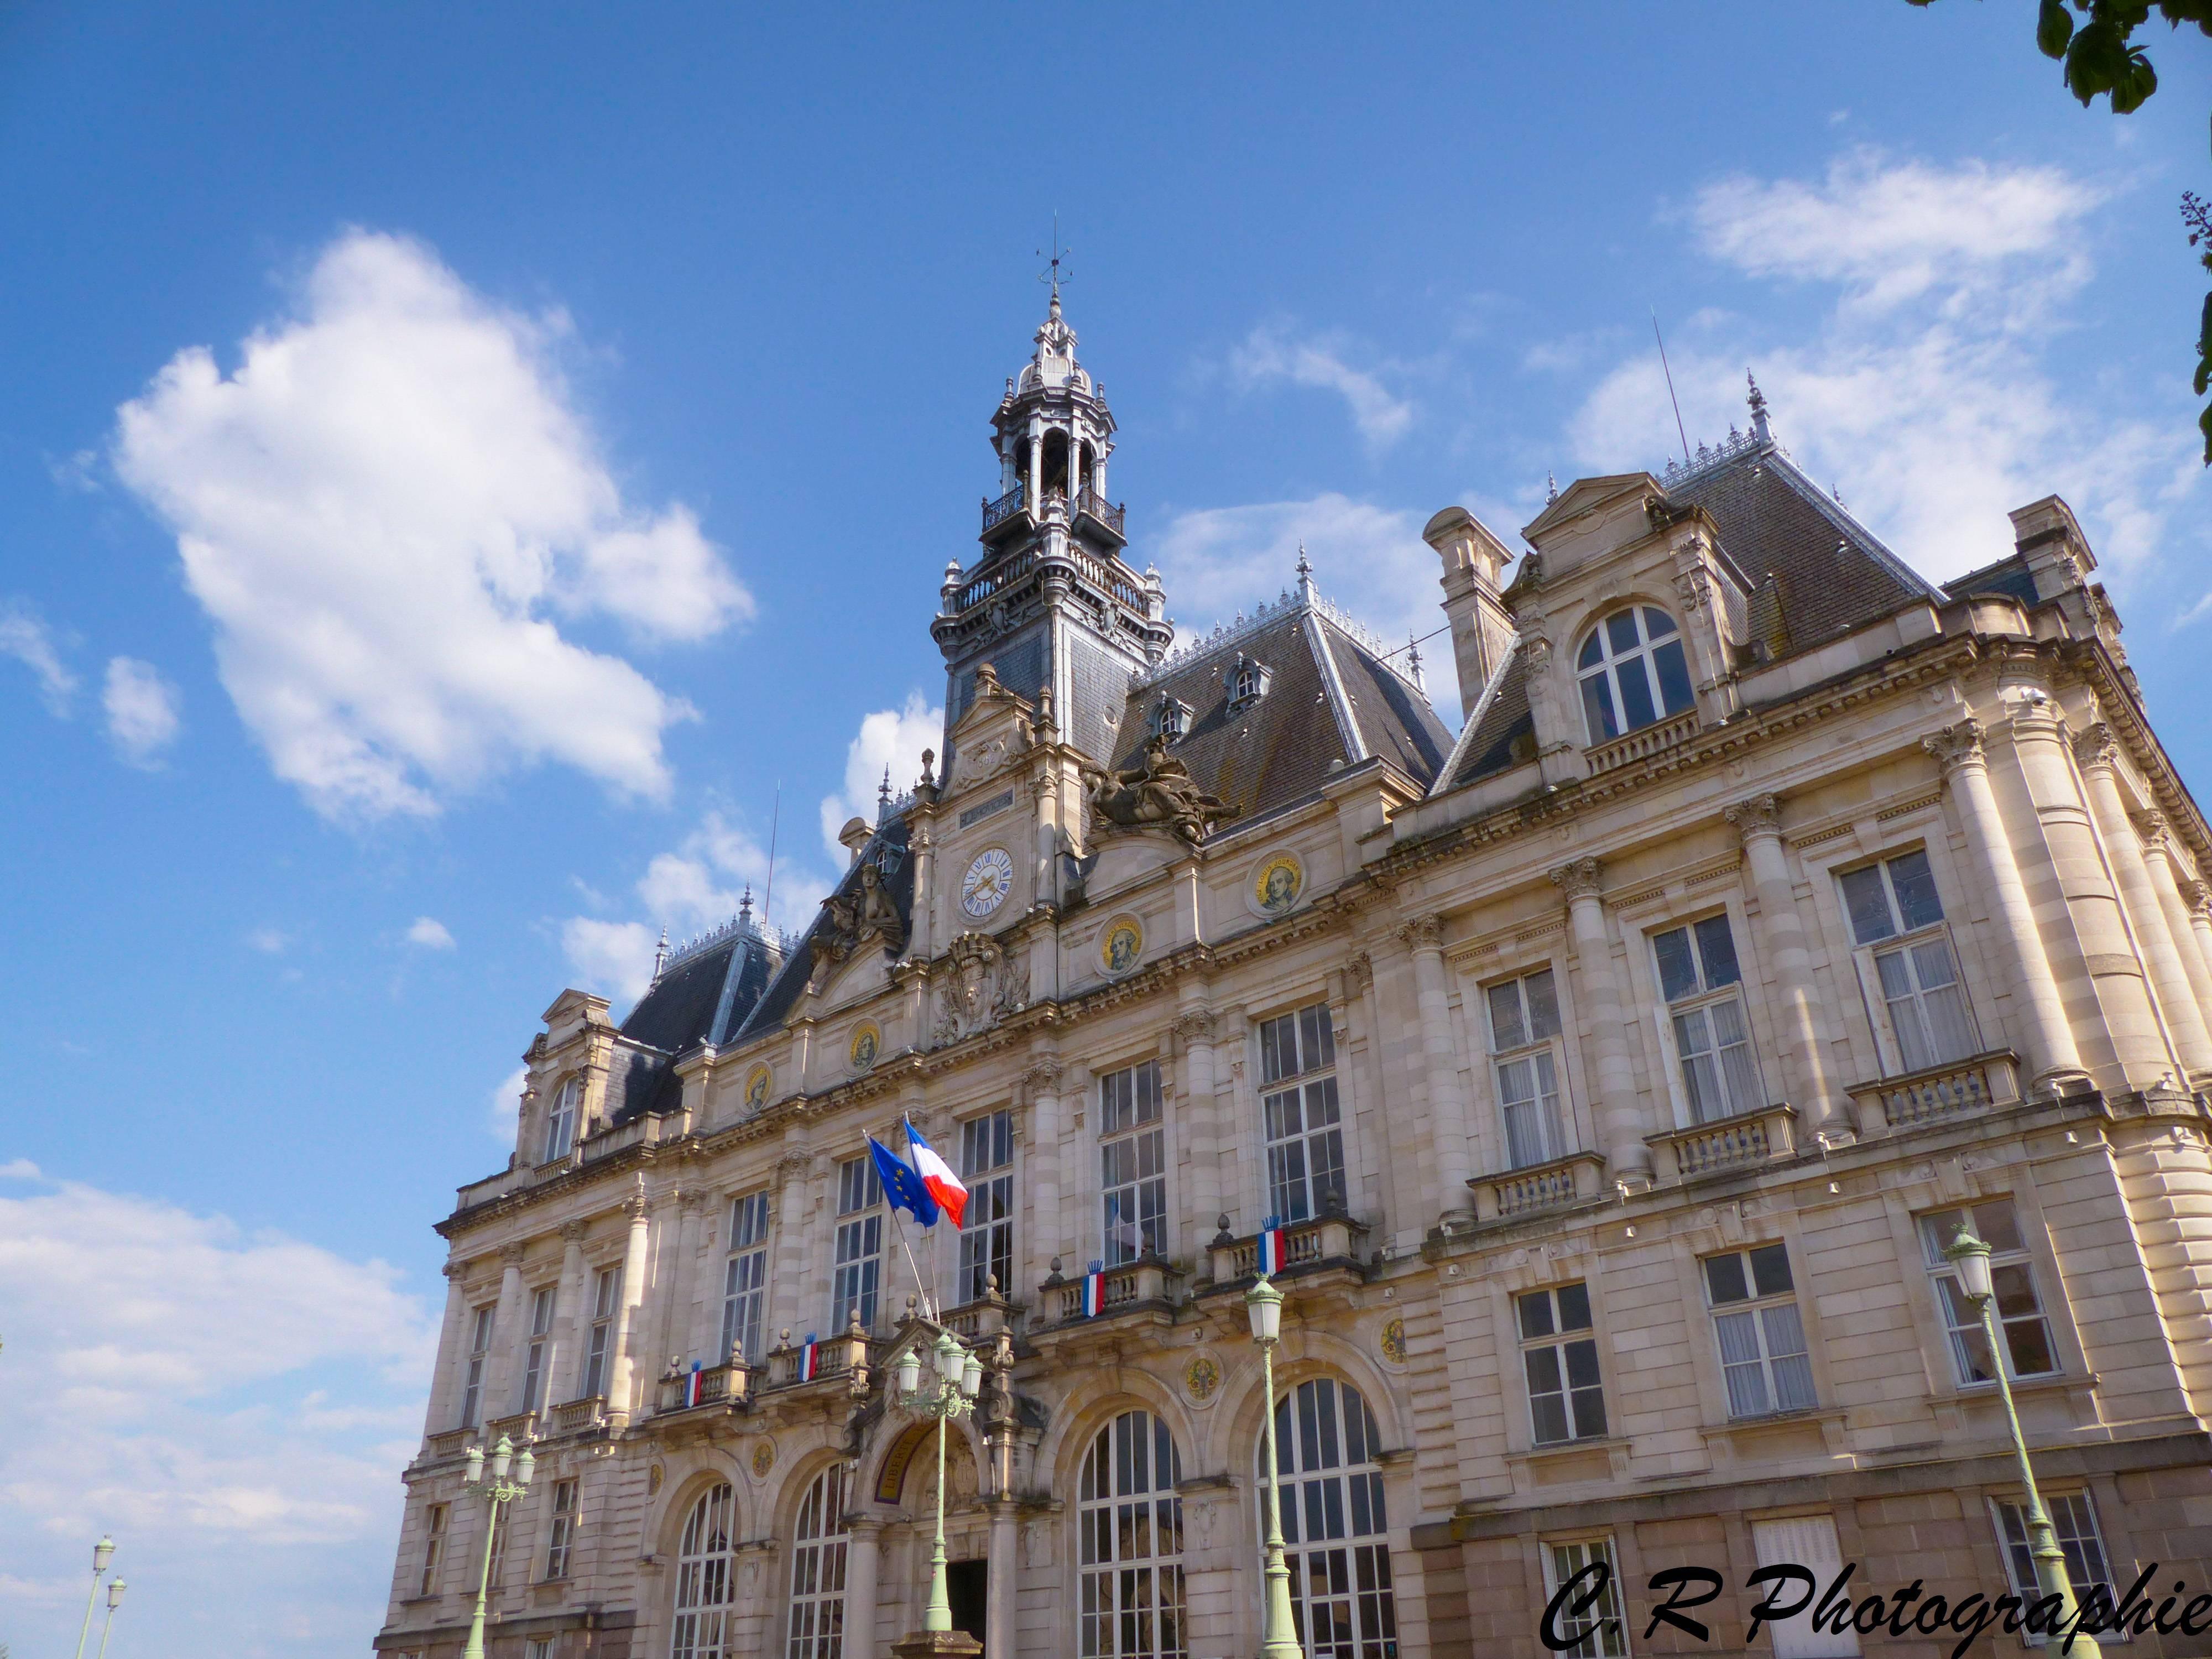 Photo 3: La Mairie de Limoges, tout un art